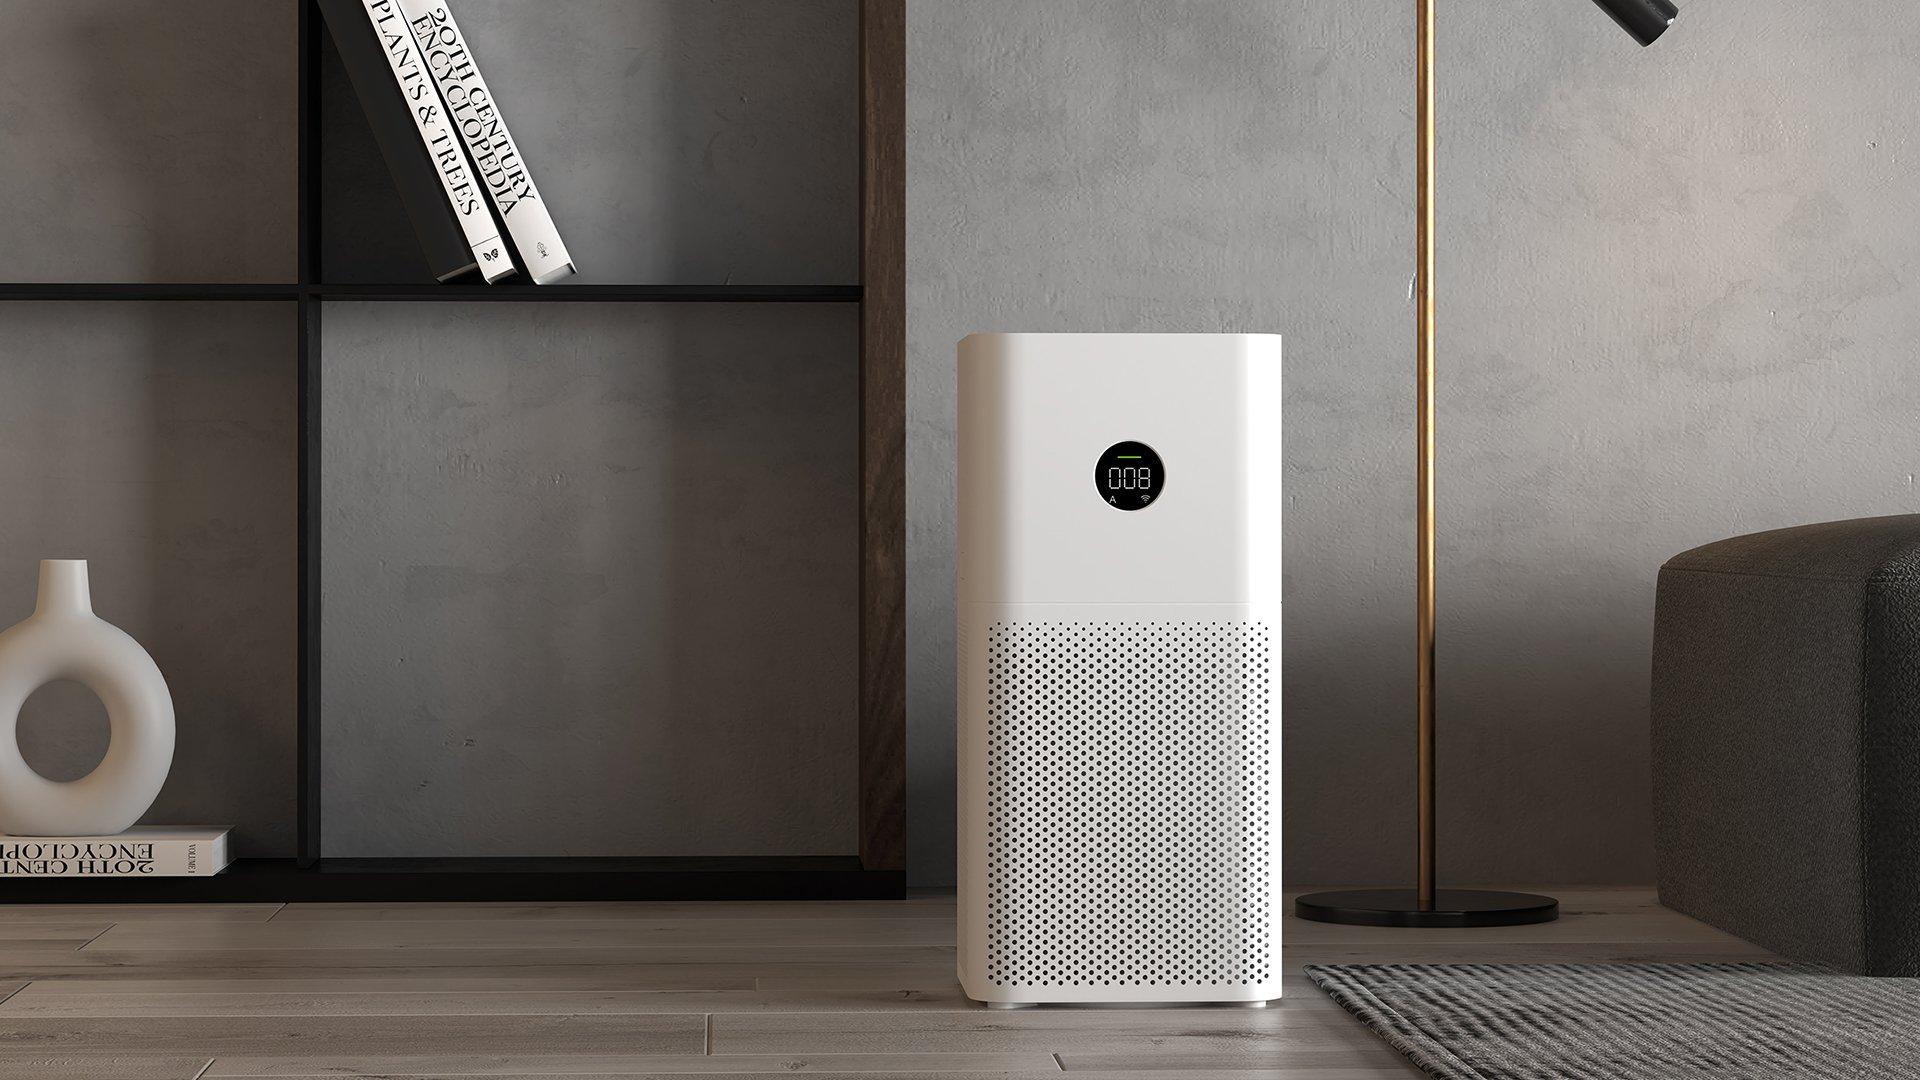 Le Xiaomi Mi Air Purifier3C viendra améliorer la qualité de l'air afin d'avoir un environnement sain.